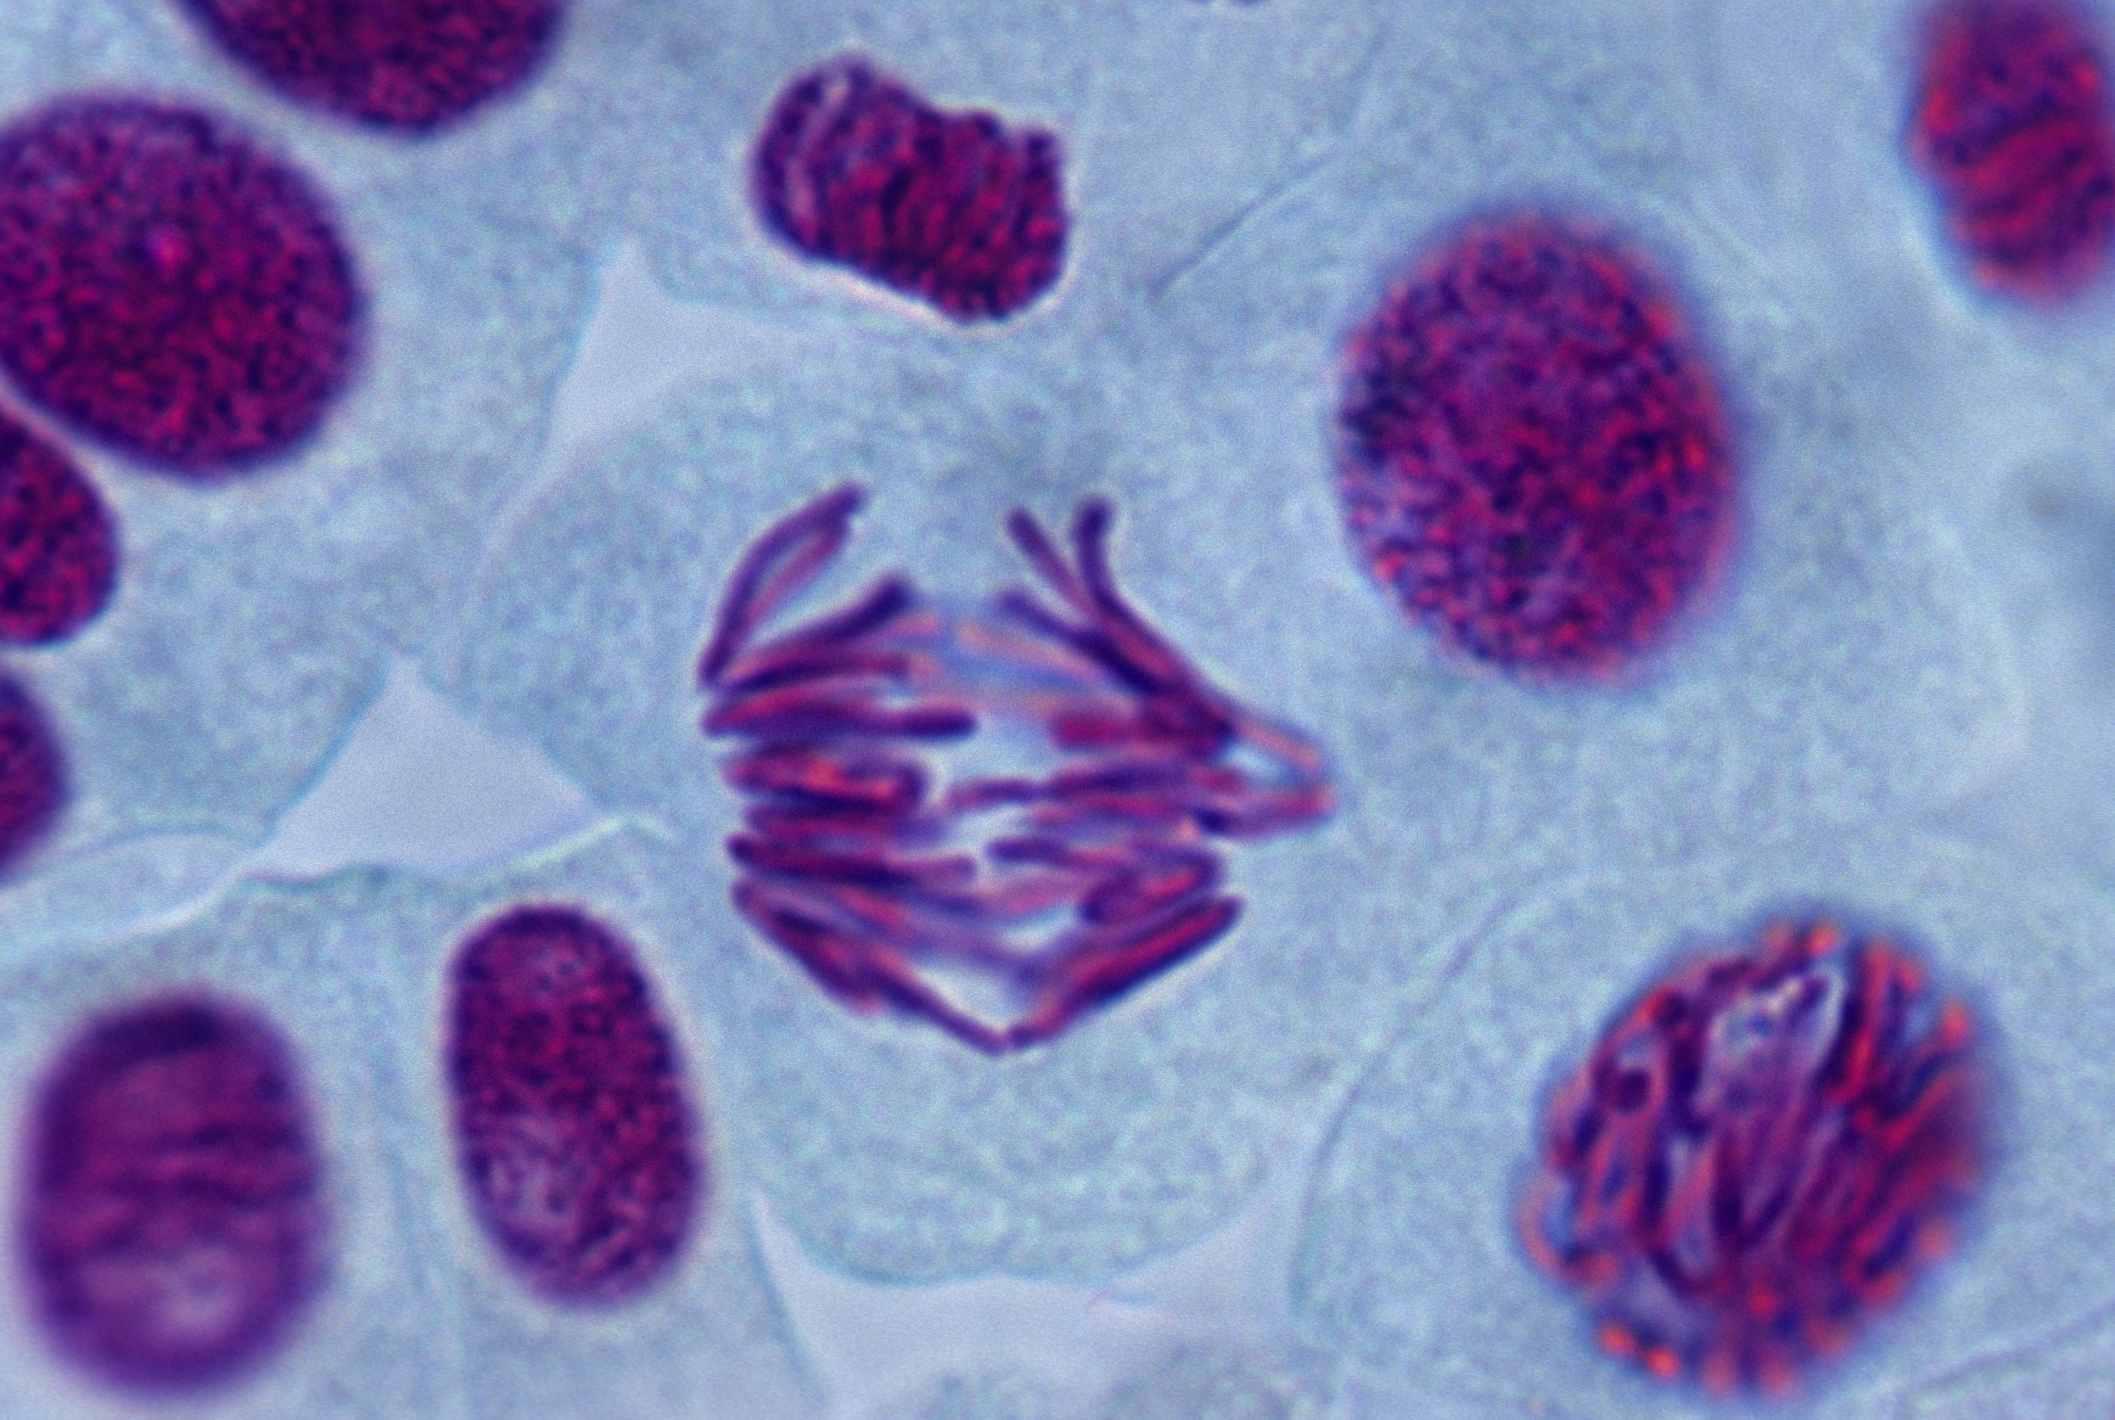 Duplication can happen when sister chromatids split